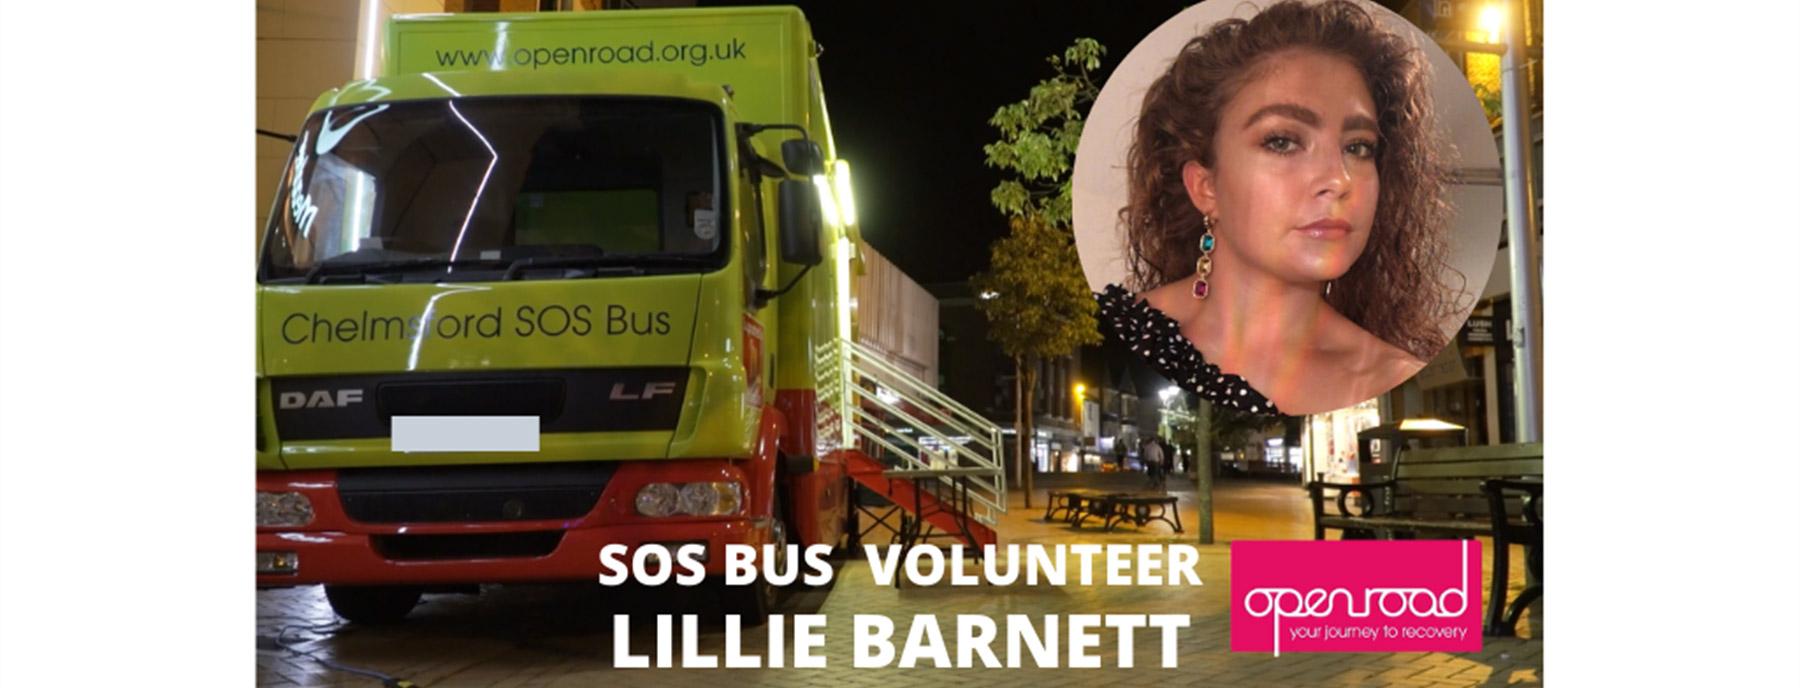 Lillie Barnett